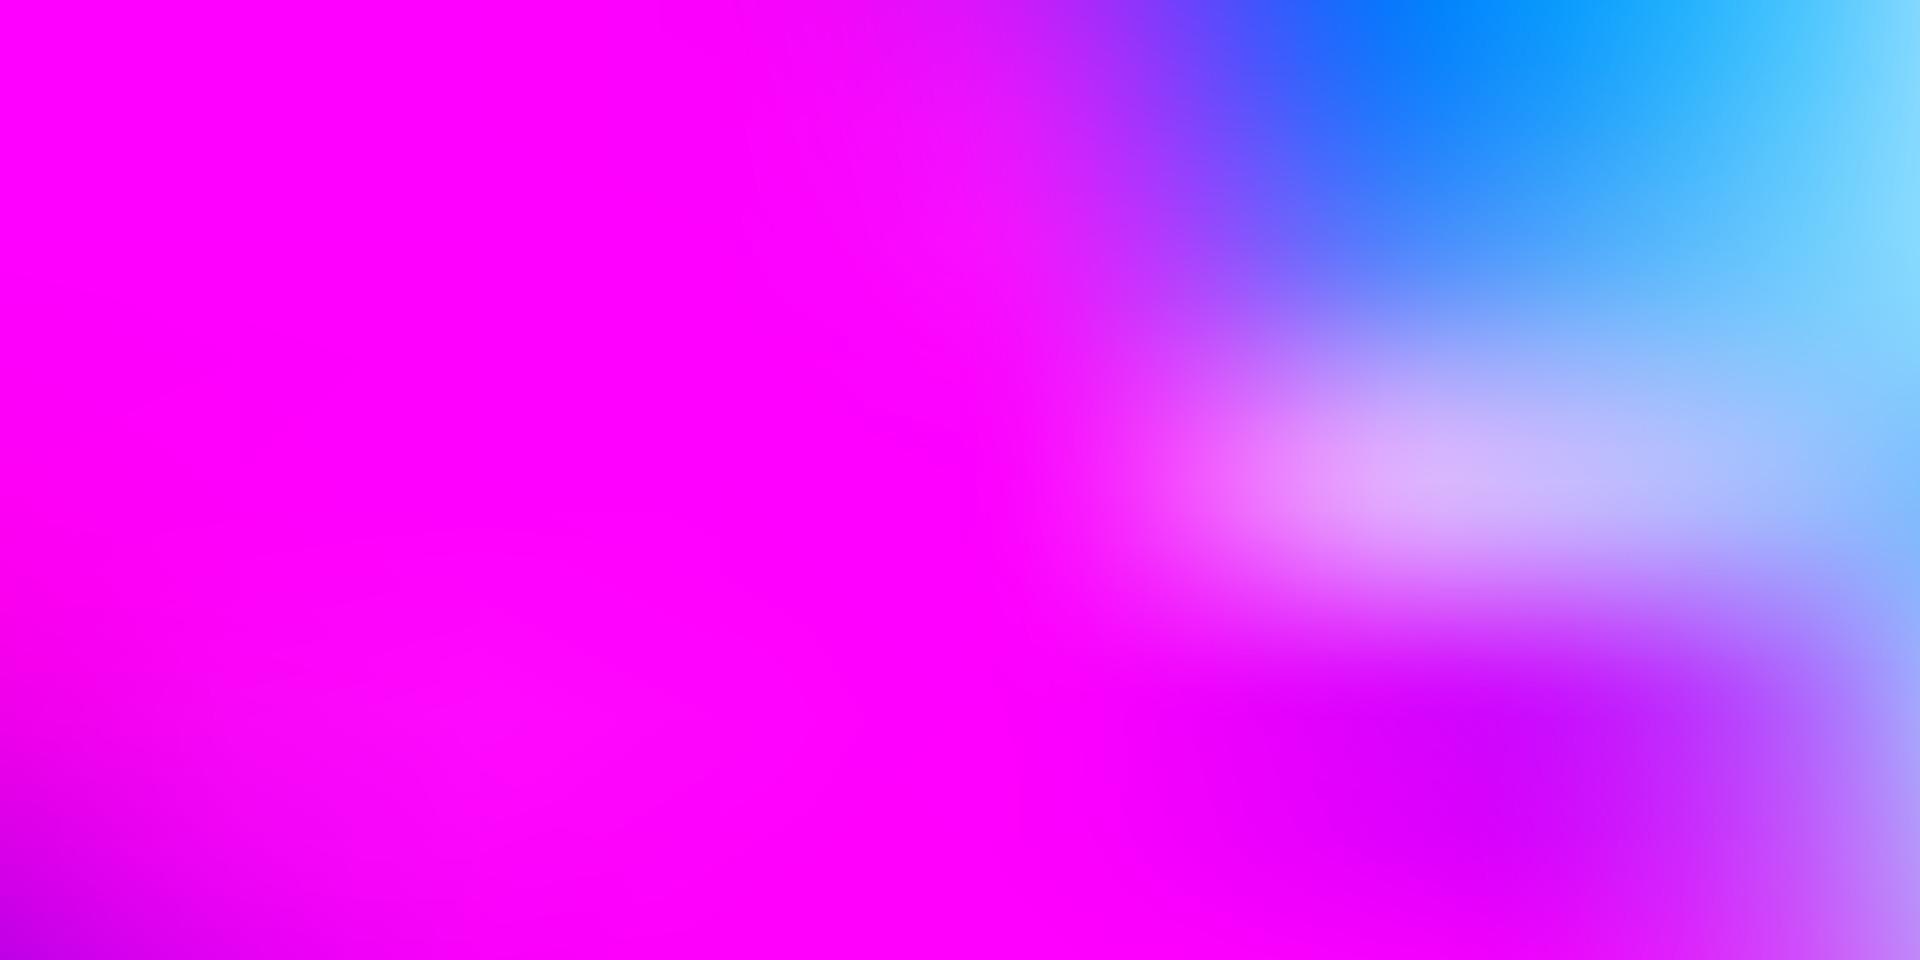 ljusrosa, blå vektor gradient oskärpa mall.